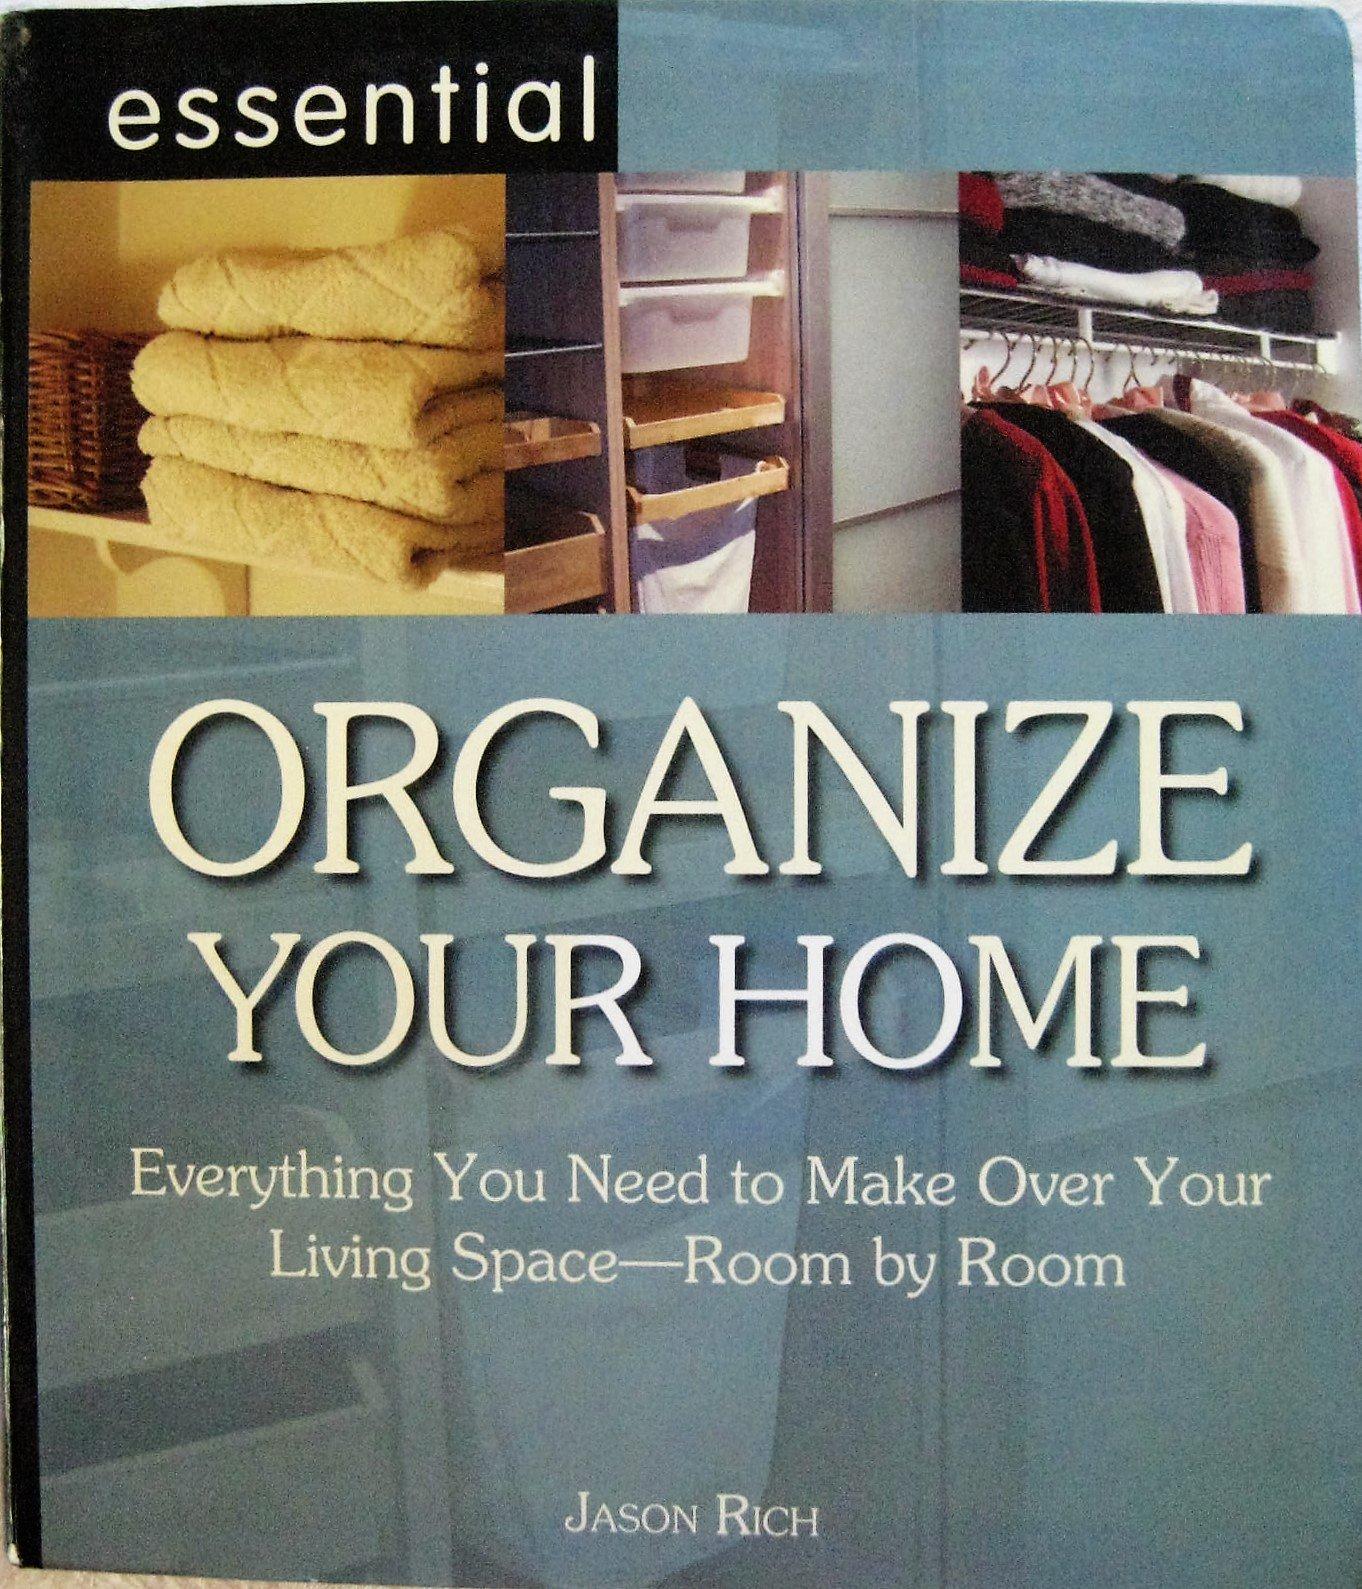 Essential: Organize Your Home pdf